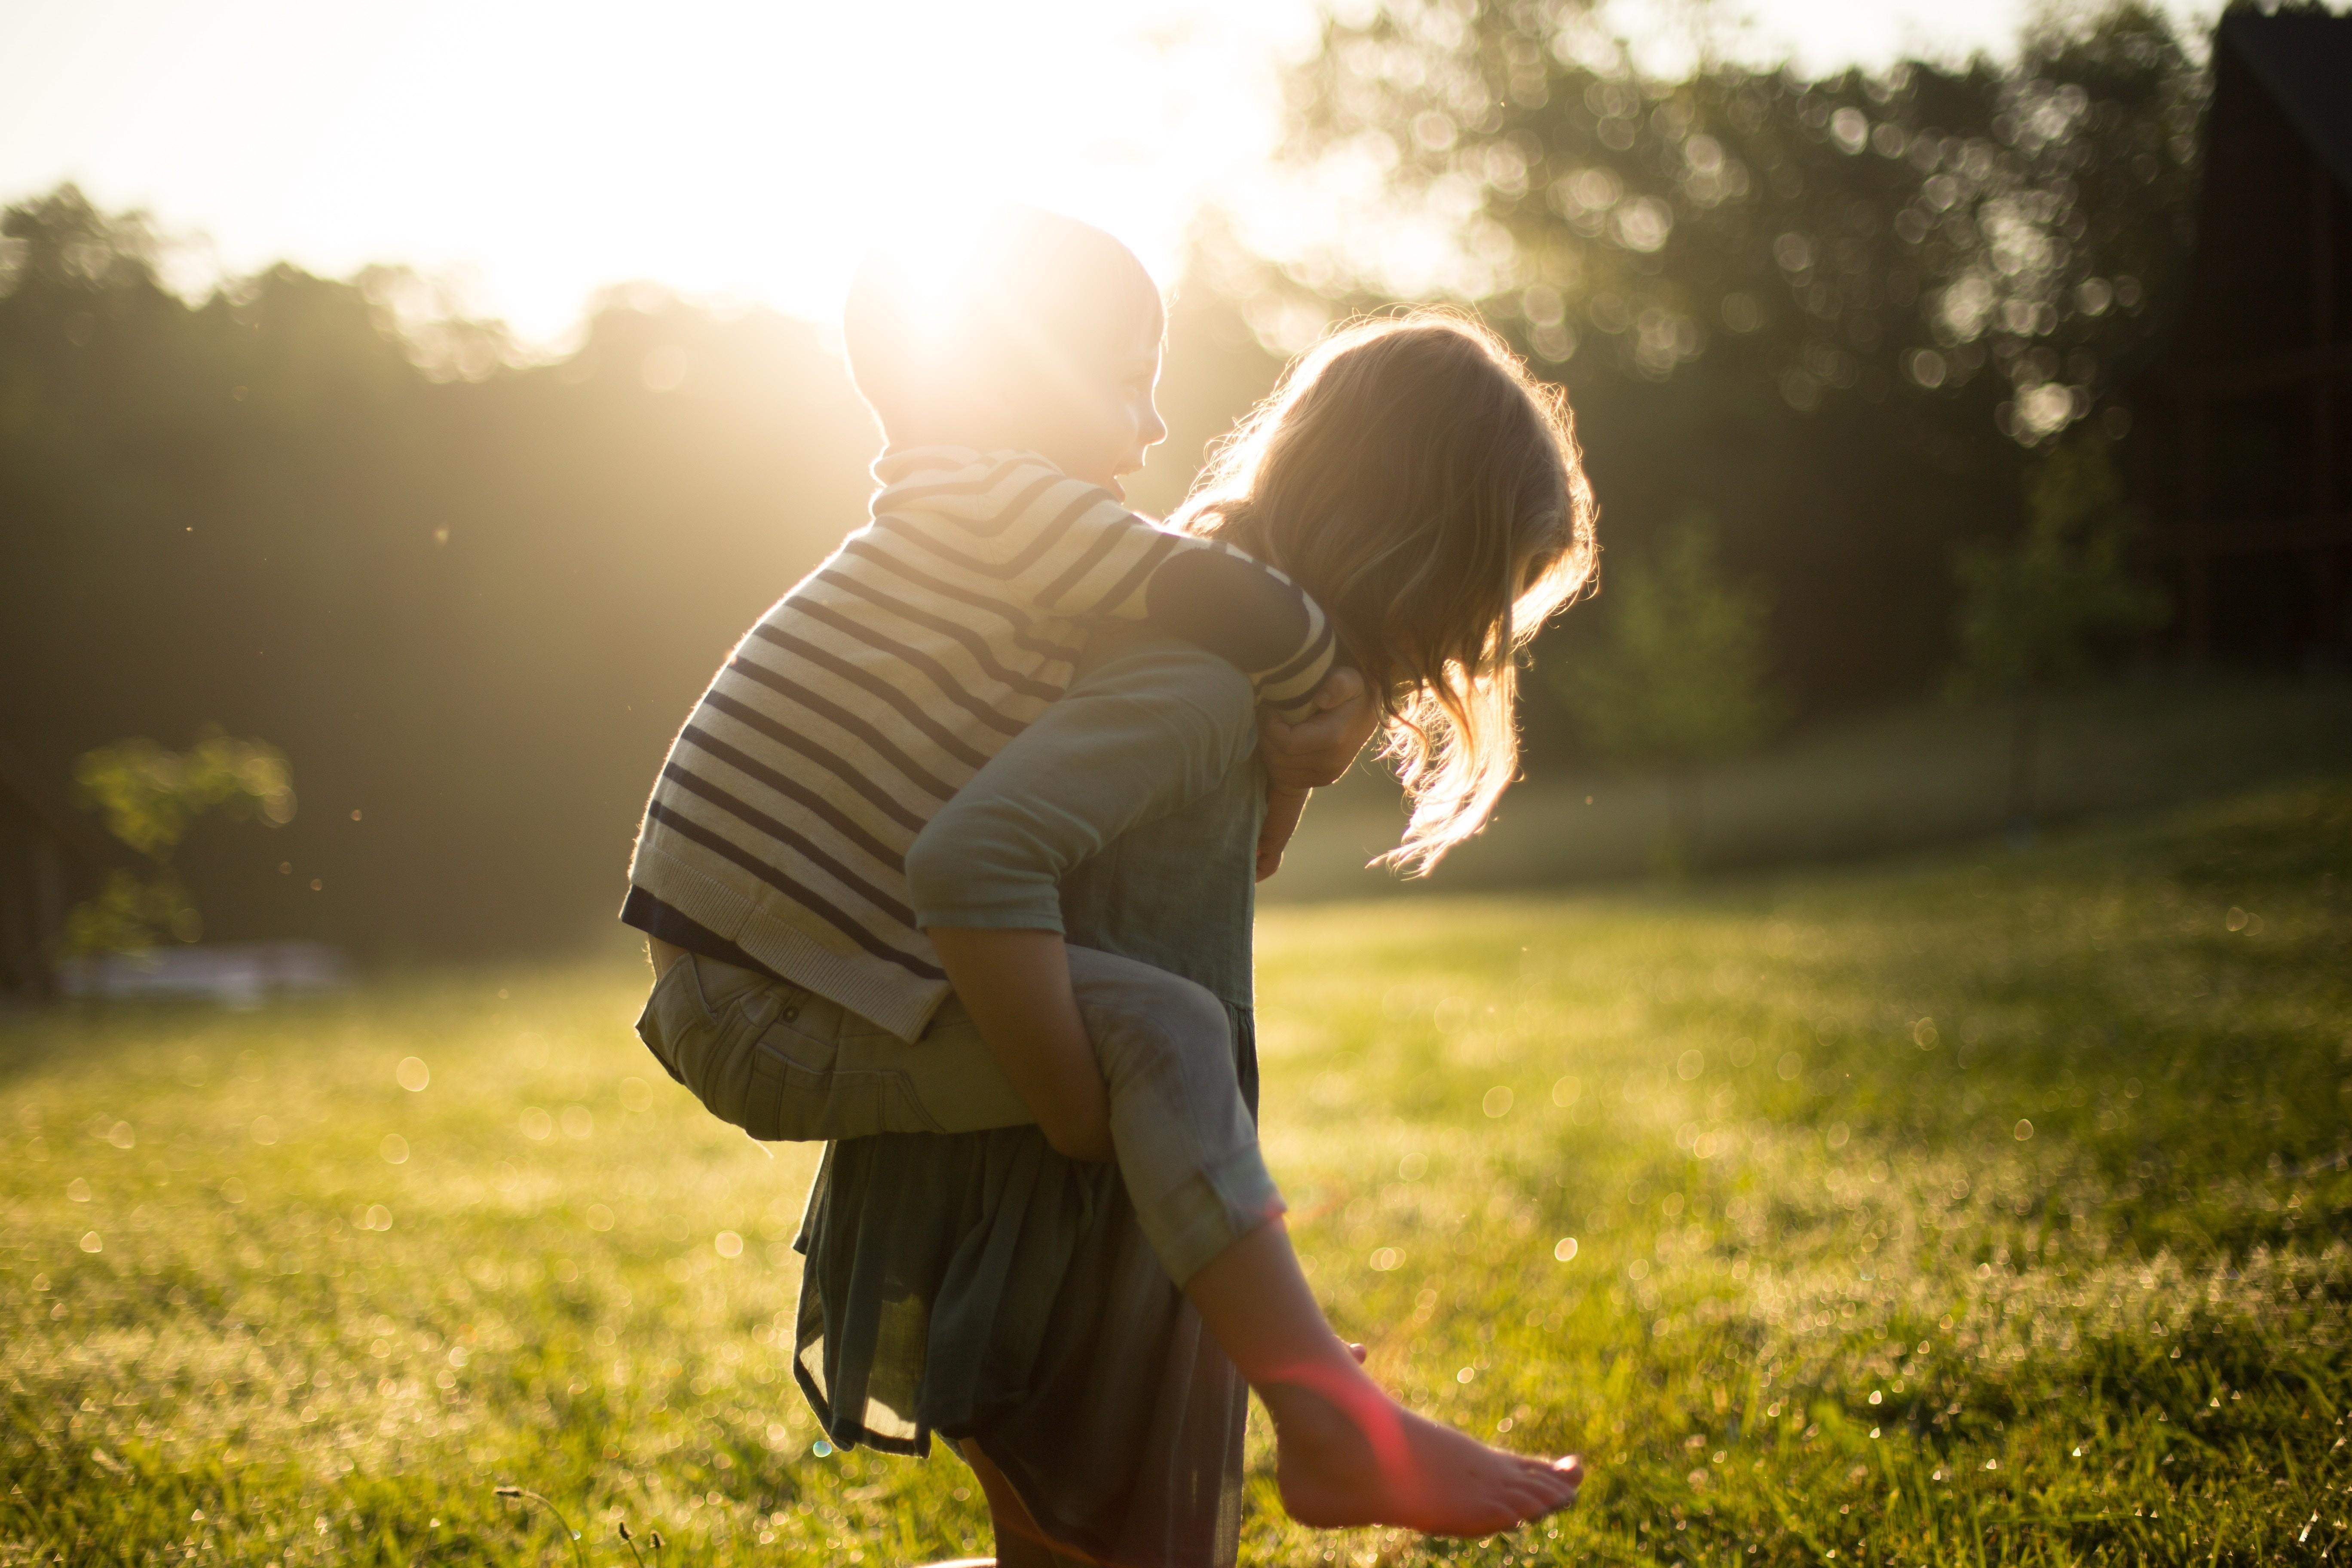 Как воспитывать детей по знаку зодиака (не только угрозы, шантаж, подкуп)